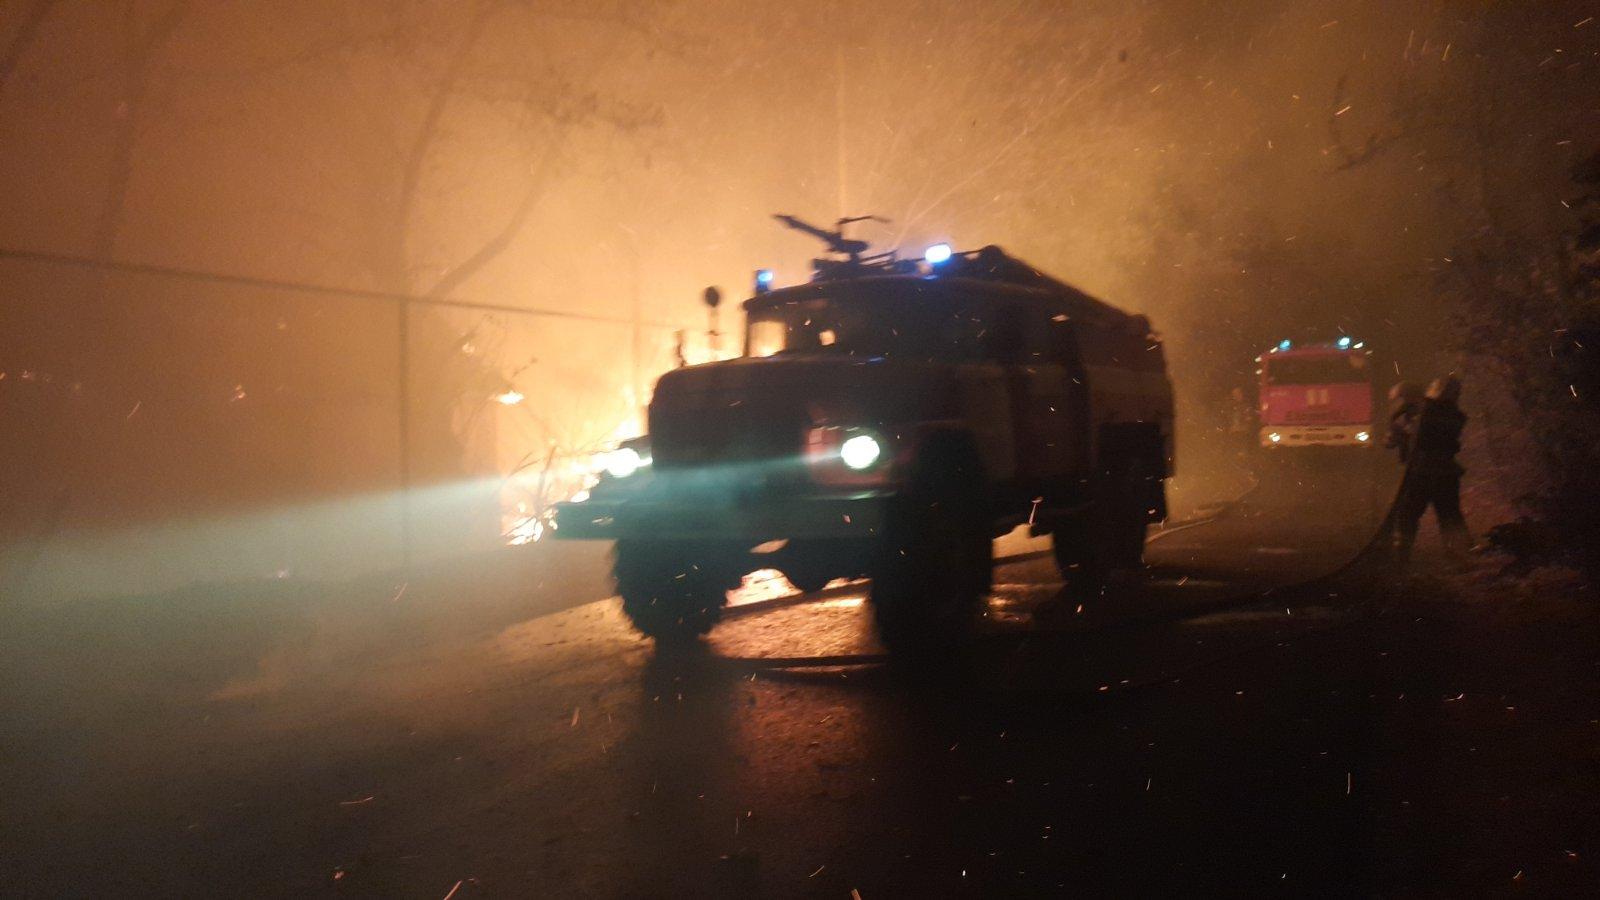 Ситуация сложная, есть погибшие. Что известно о пожарах в Луганской области на утро: видео - новости Украины, Происшествия - LIGA.net